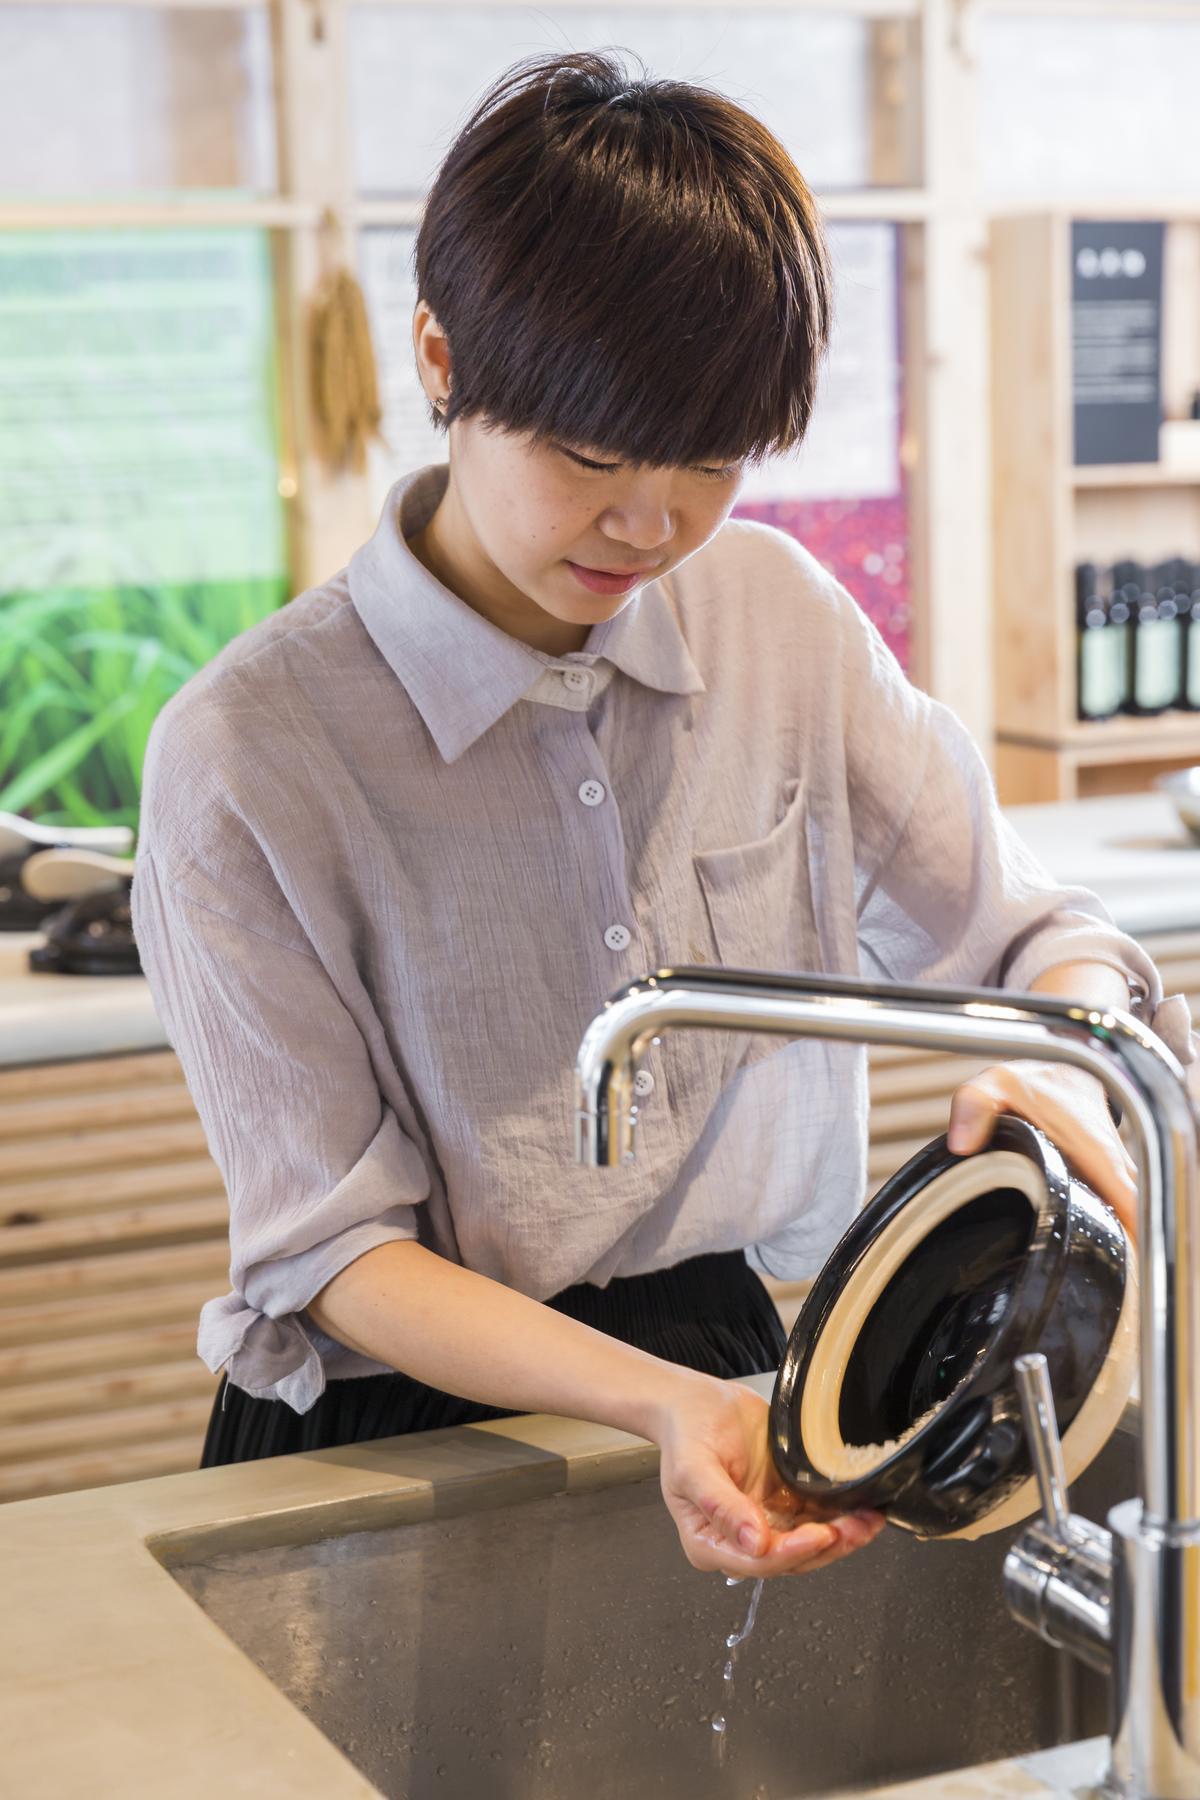 快速拌洗幾下馬上倒掉第一道水,免得米粒吸收糠味。